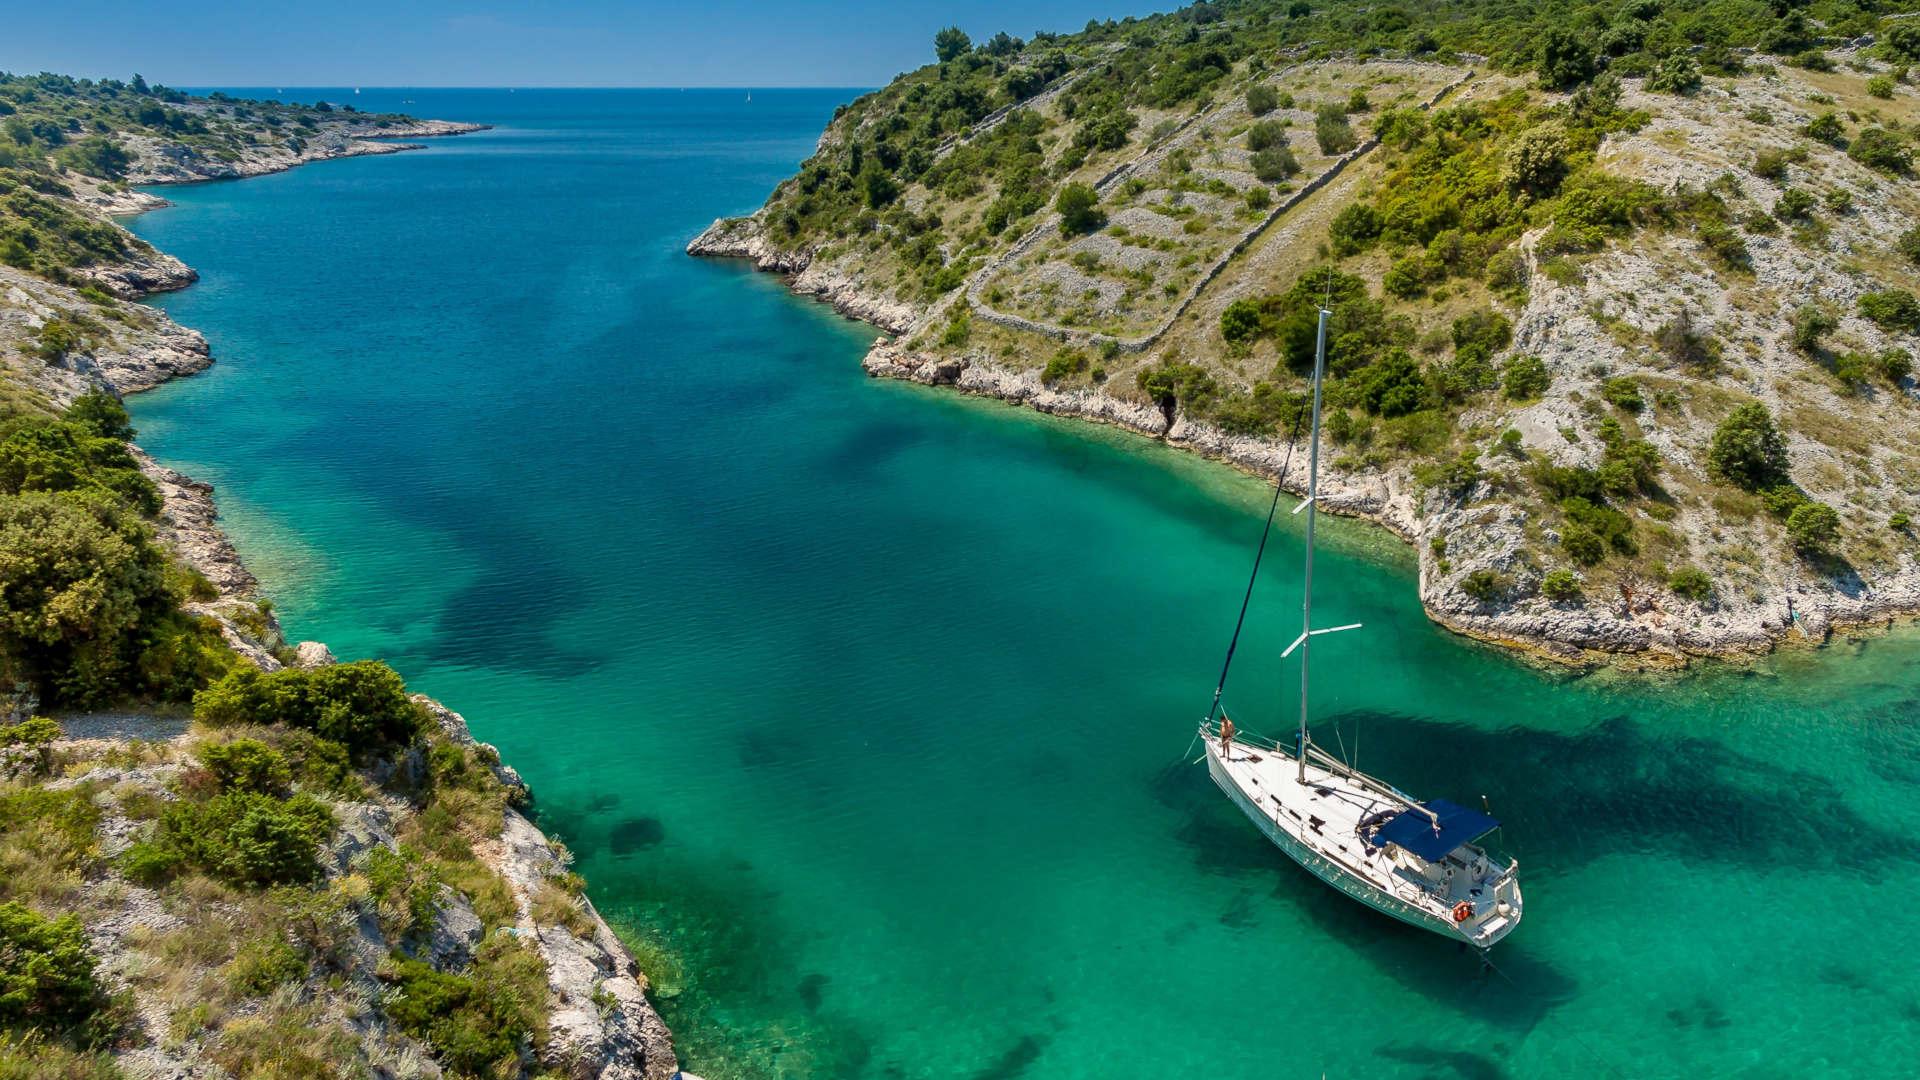 Yacht in Bucht zeigt Urlaubsfeeling Korfu Segeln